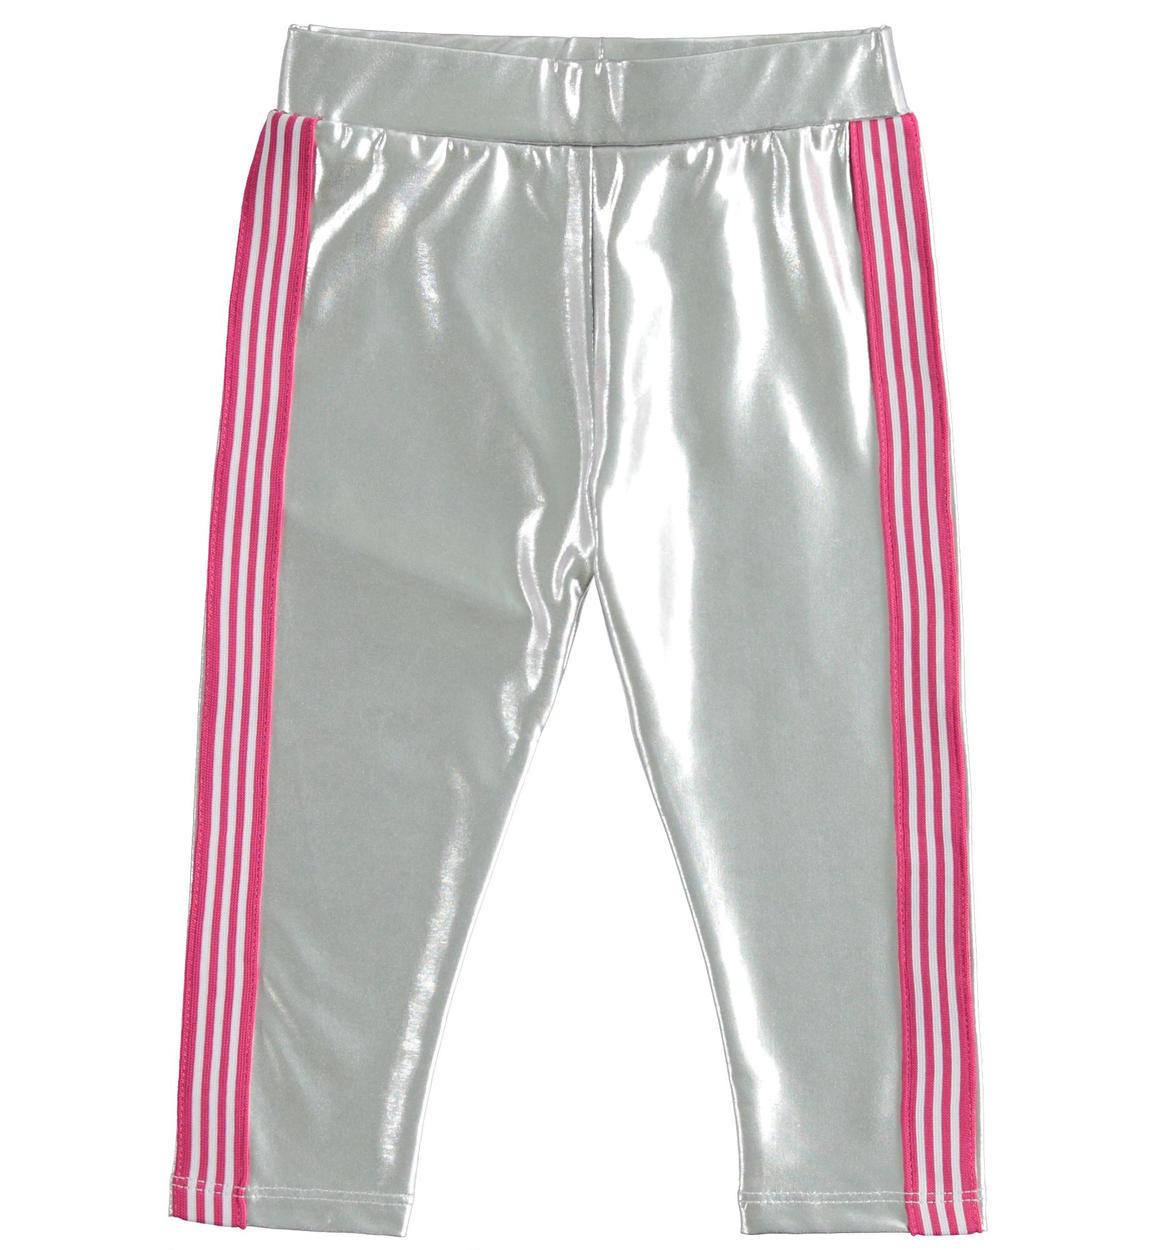 grintoso leggings in morbido tessuto ela silver fronte 01 1584j33400 1157